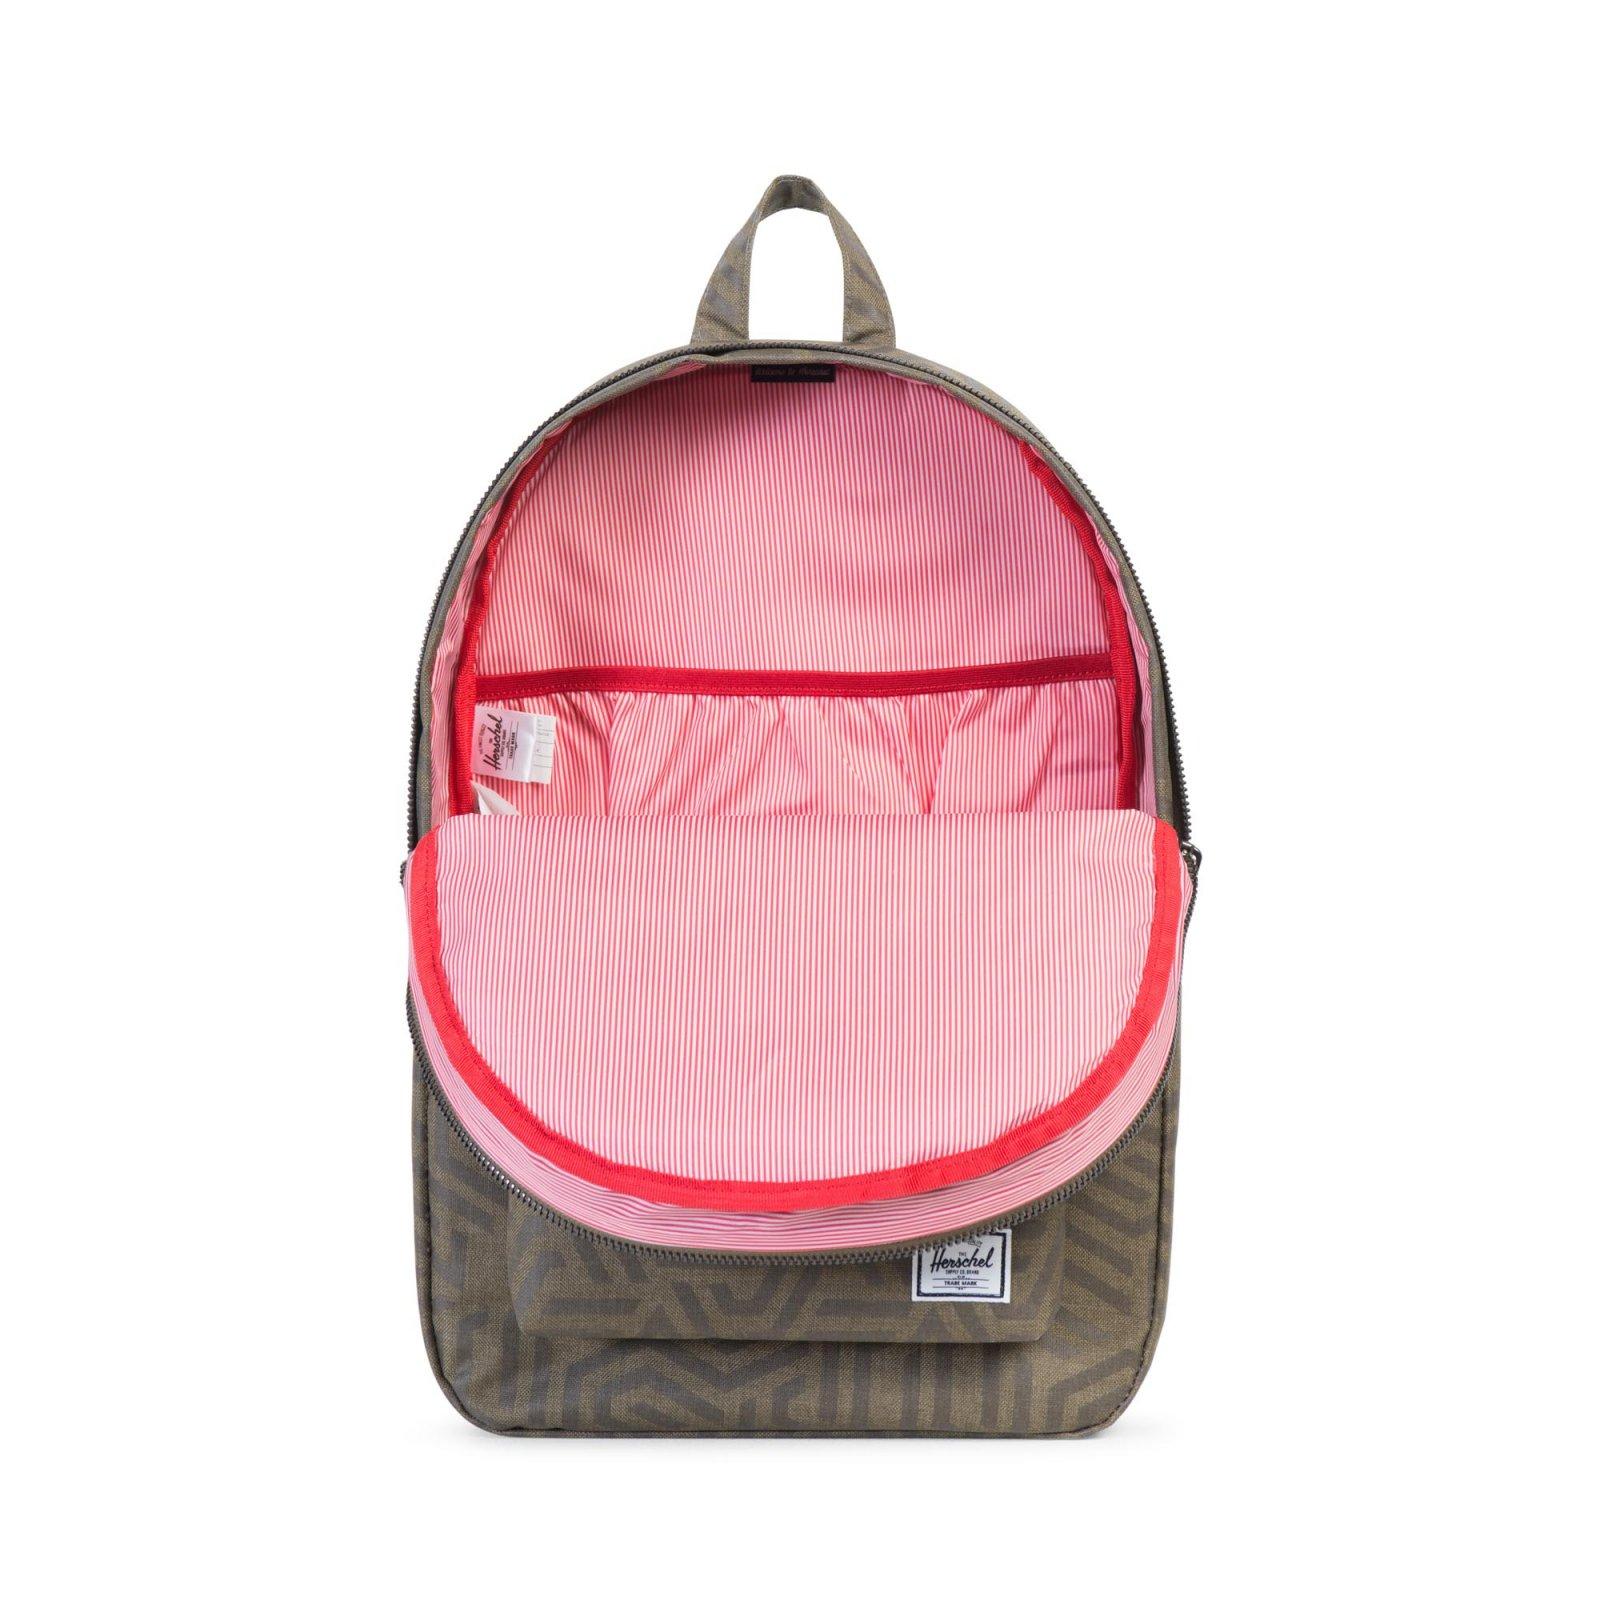 Herschel фоторюкзак походный рюкзак 80 литров купить спб